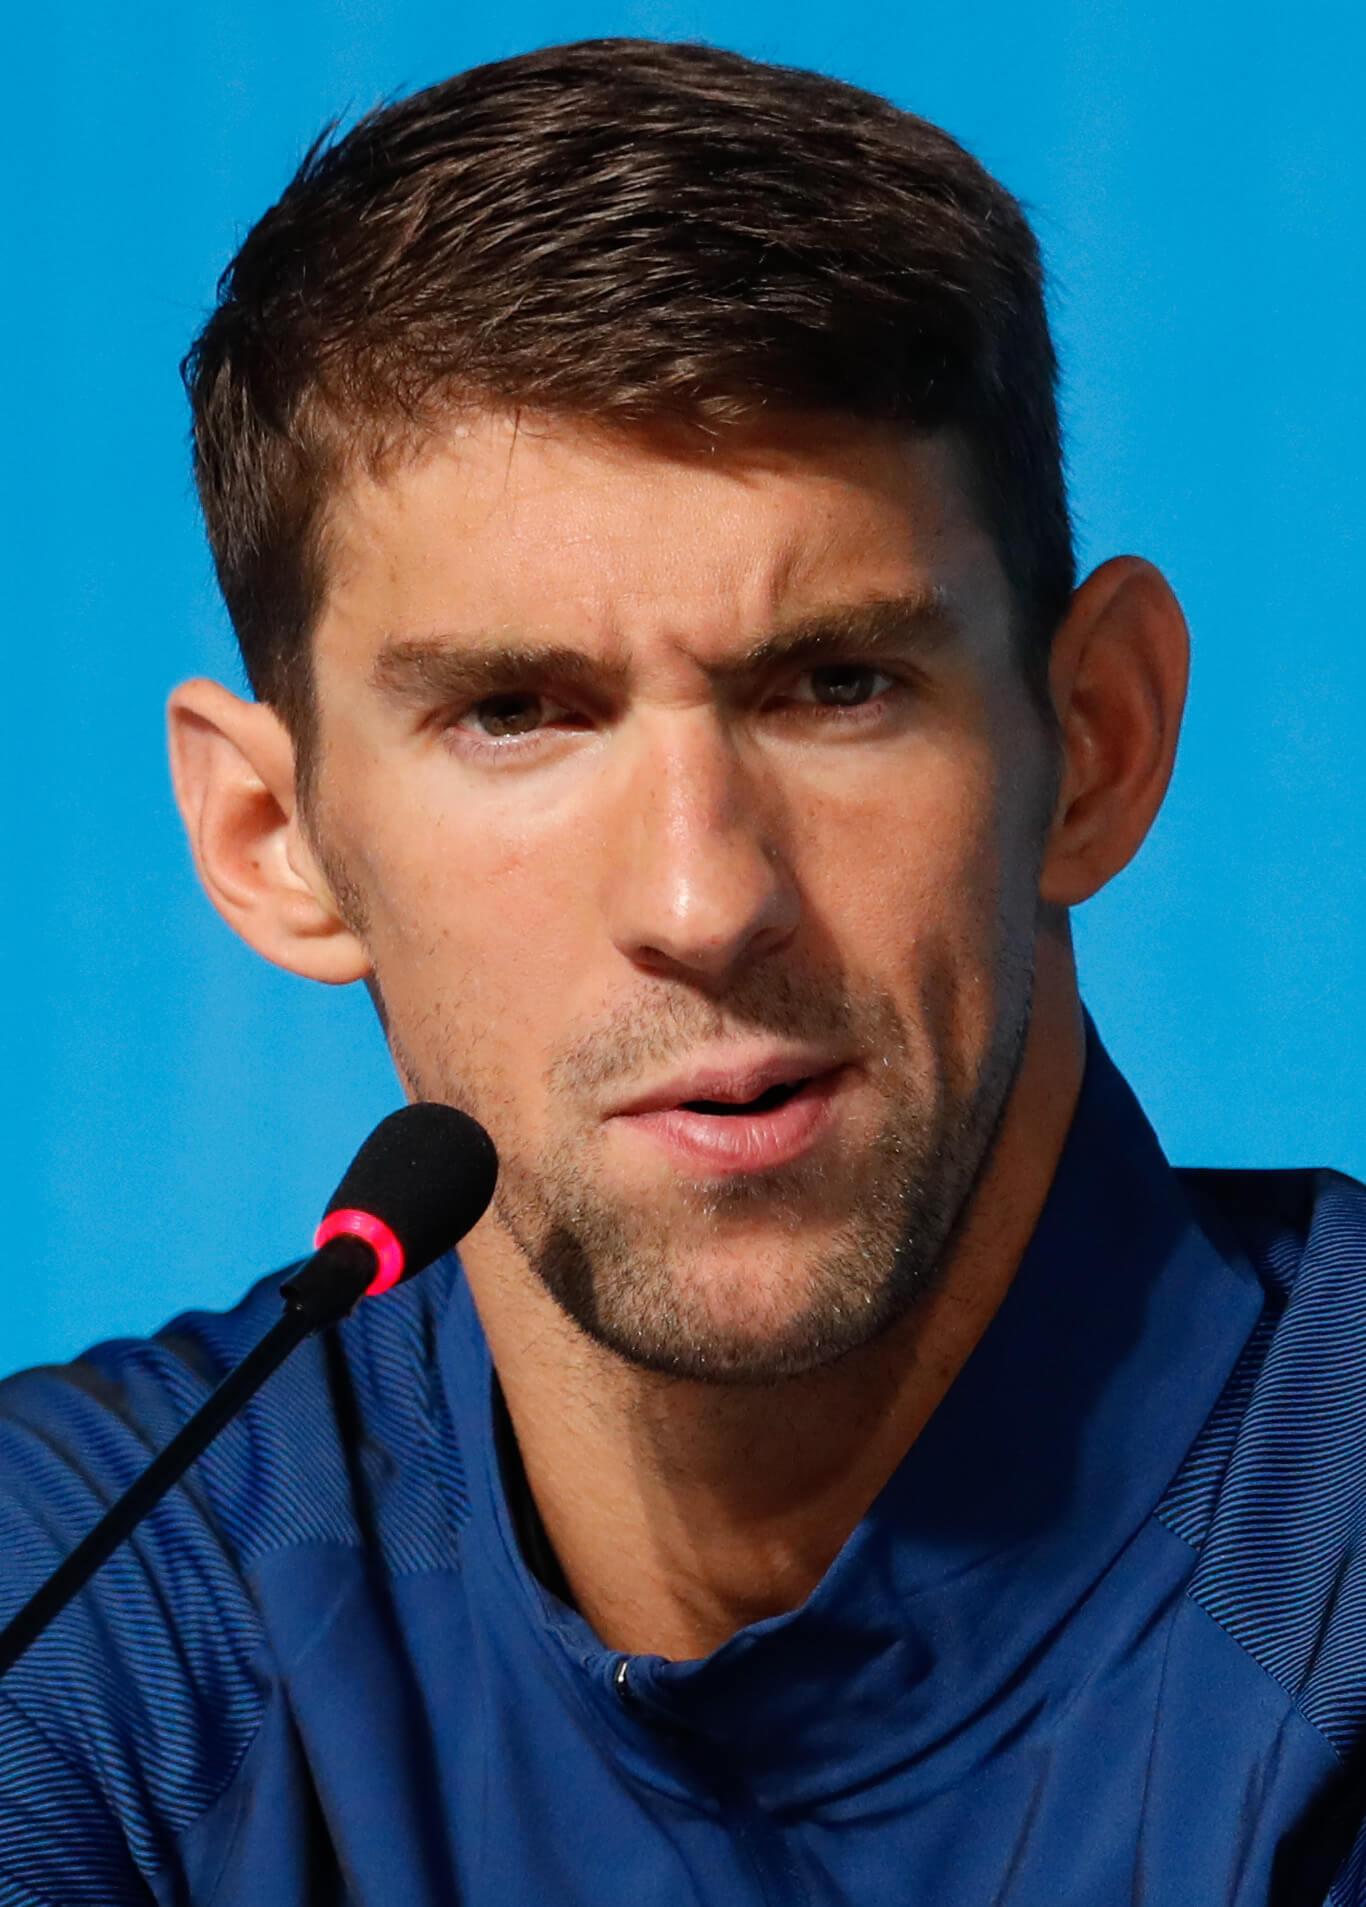 Quiés es Michael Phelps